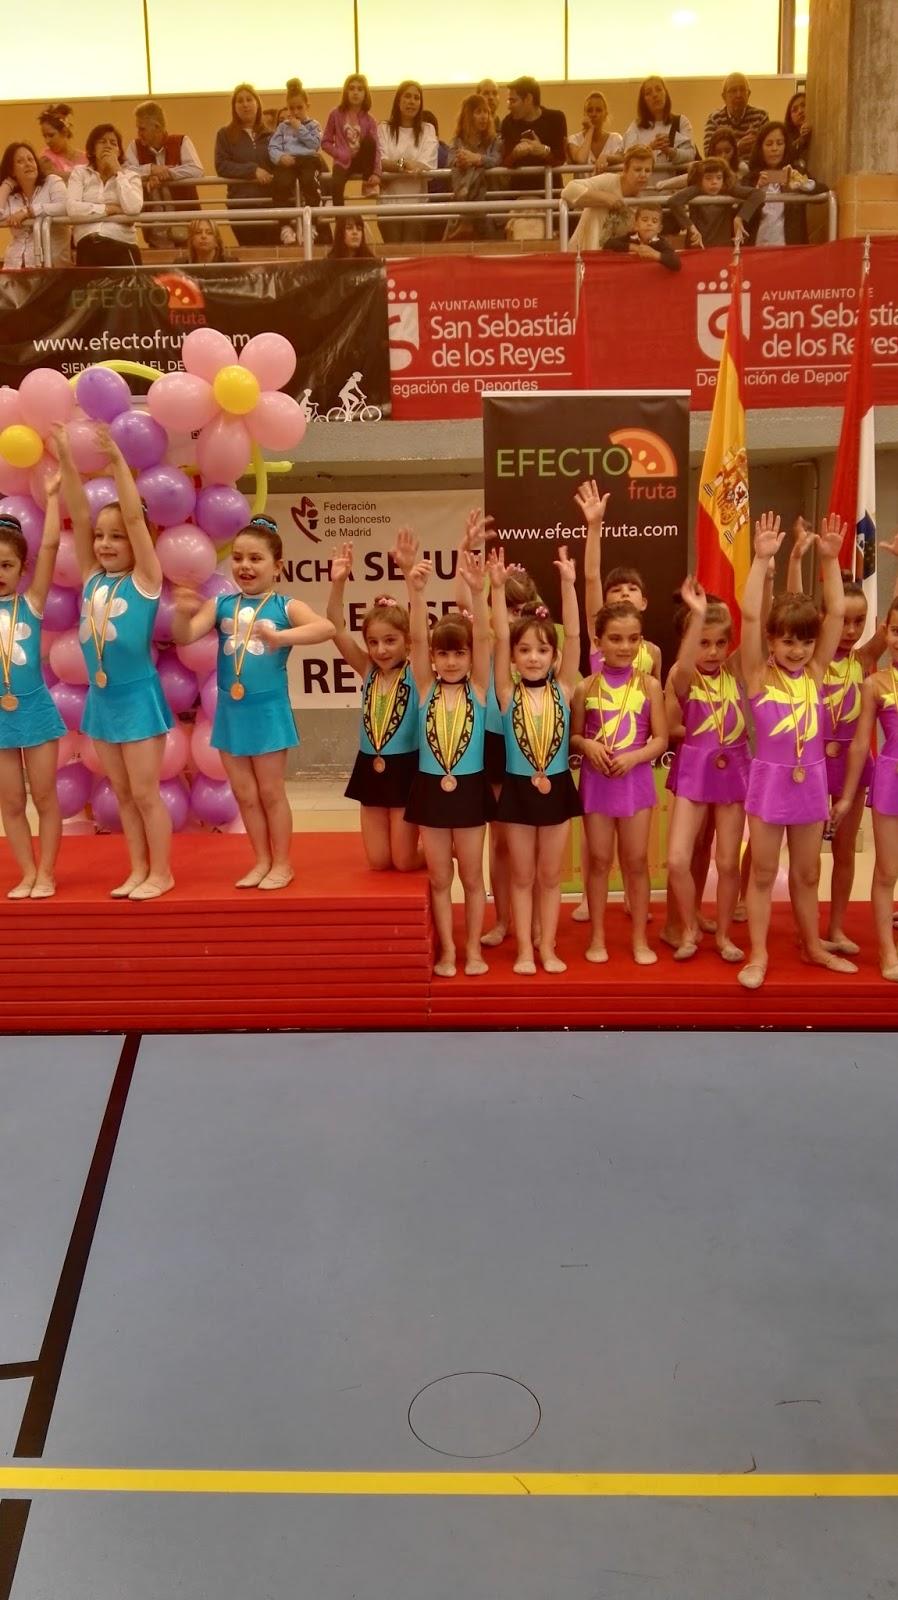 C g r san agust n super escuelas san sebastian de los reyes for Escuela danza san sebastian de los reyes